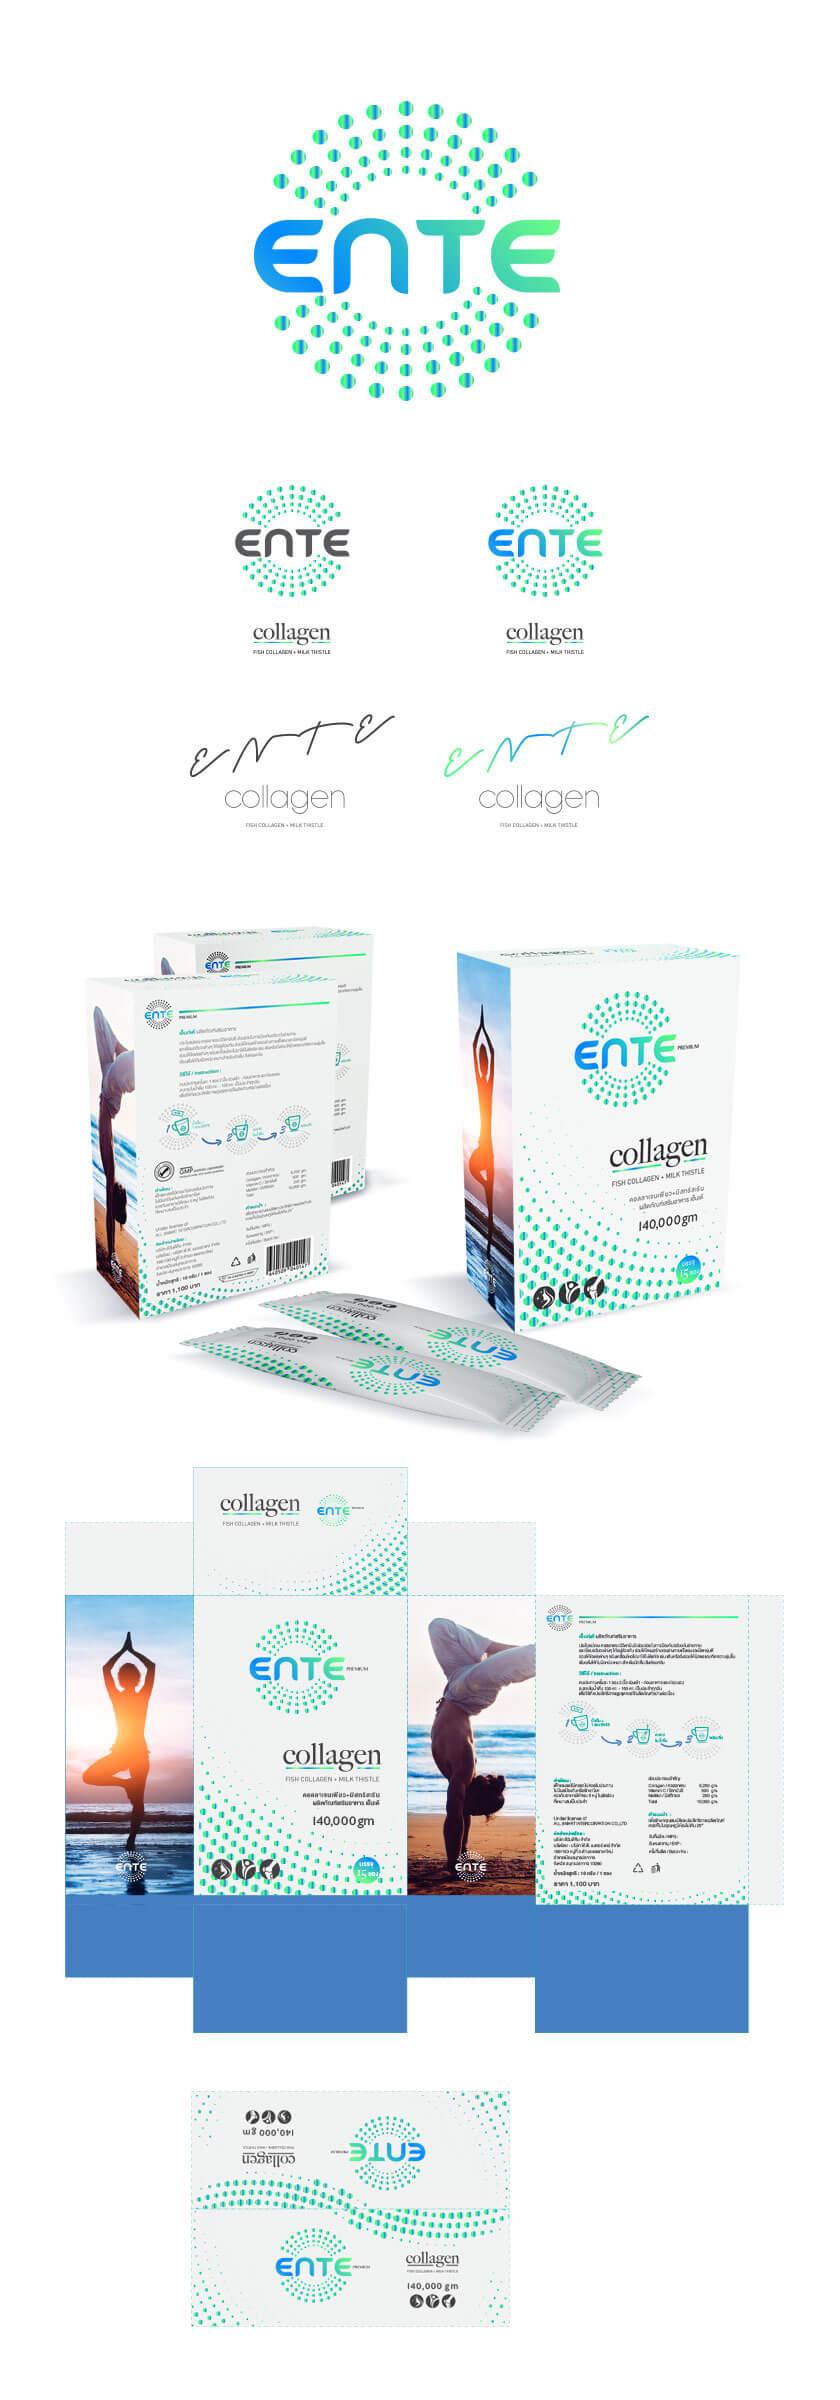 ออกแบบกล่องบรรจุภัณฑ์ มากประสบการณ์ด้าน Creative ออกแบบกล่องทุกชนิด สวย เร็ว ด้วยประสบการณ์มืออาชีพ